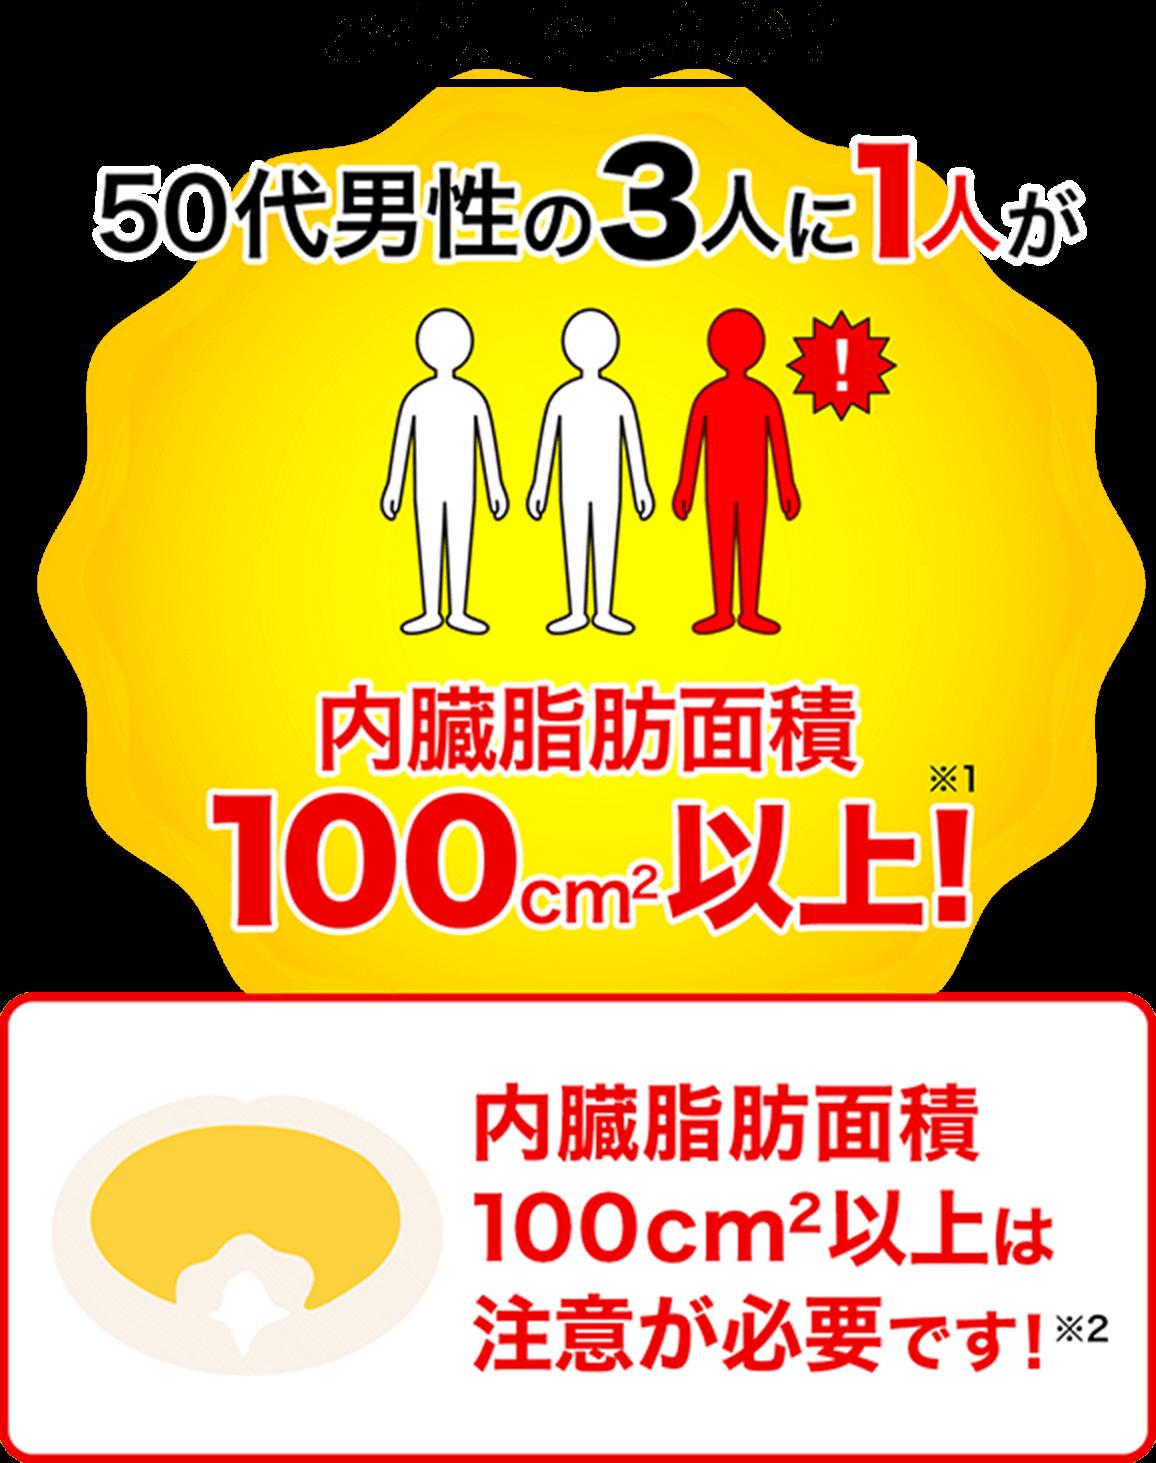 ご存知でしたか?50代男性の3人に1人が内臓脂肪面積100㎠以上!※1 内臓脂肪面積100㎠以上は注意が必要です!※2